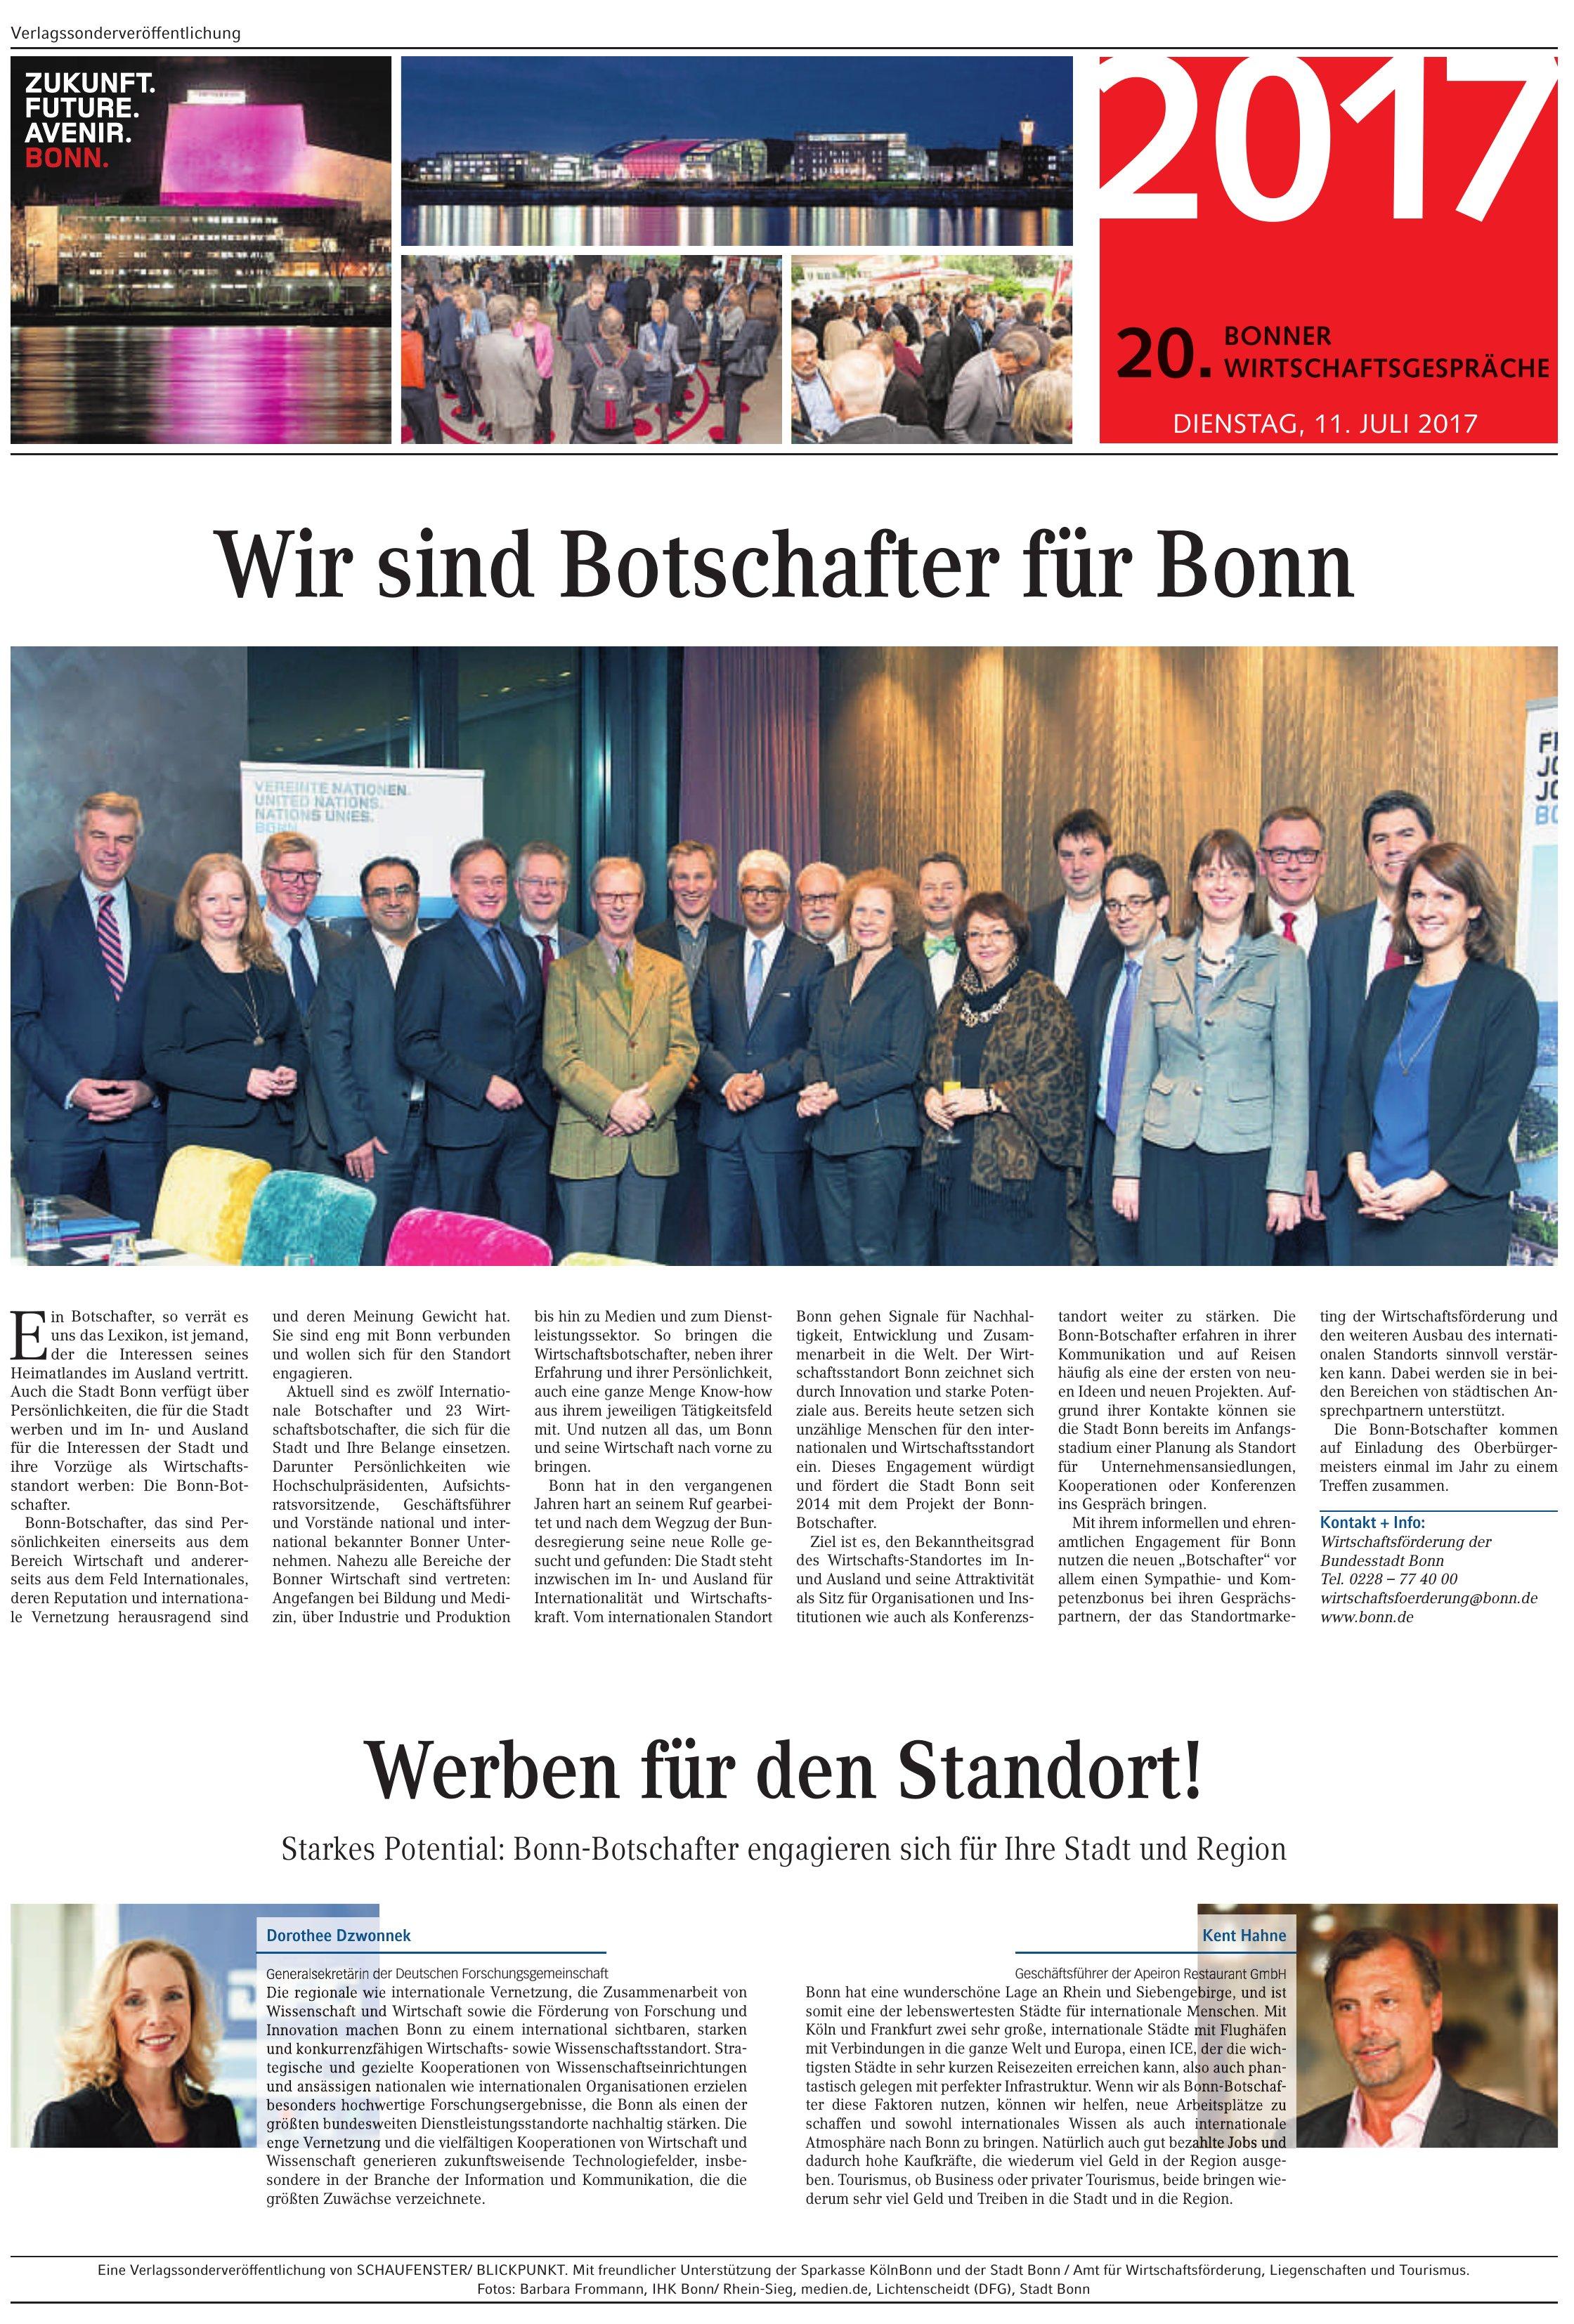 Bonn-Botschafter